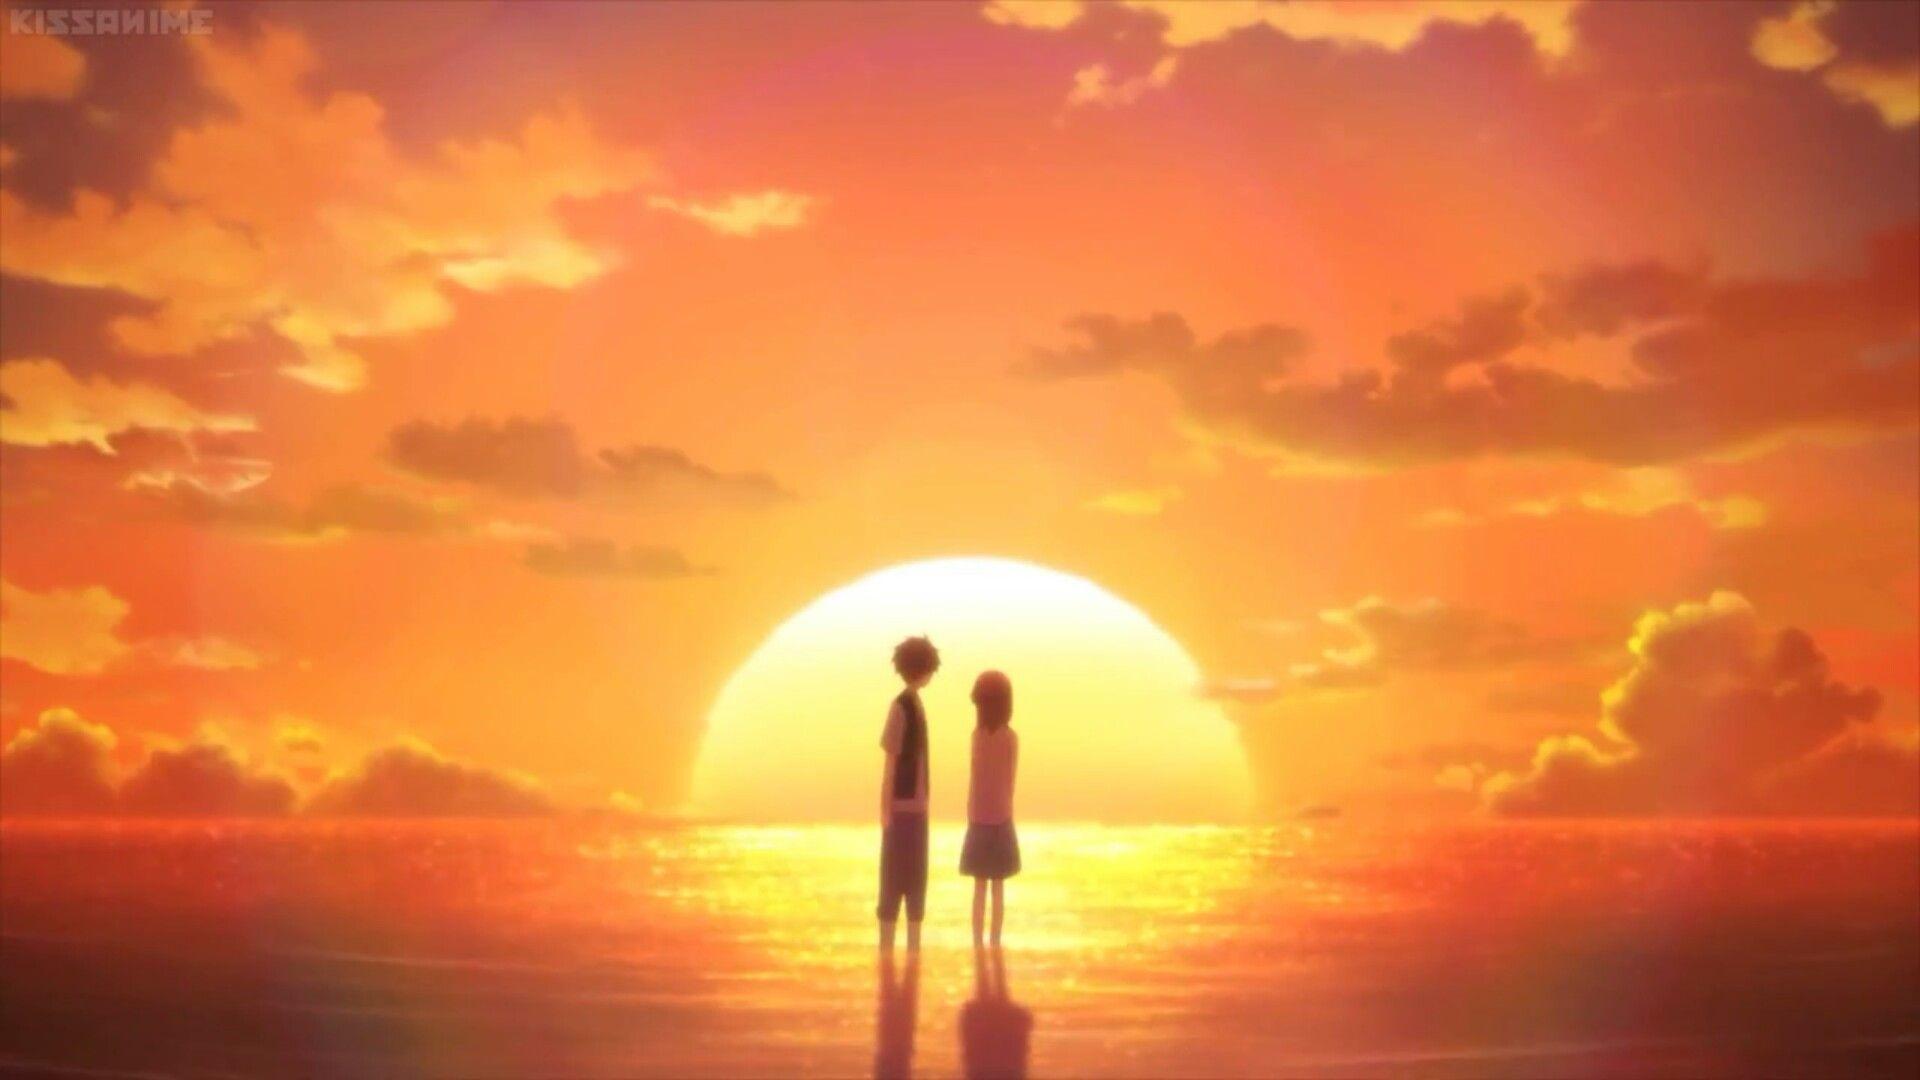 Beautiful Anime sunset Kanzen Pinterest Sunset